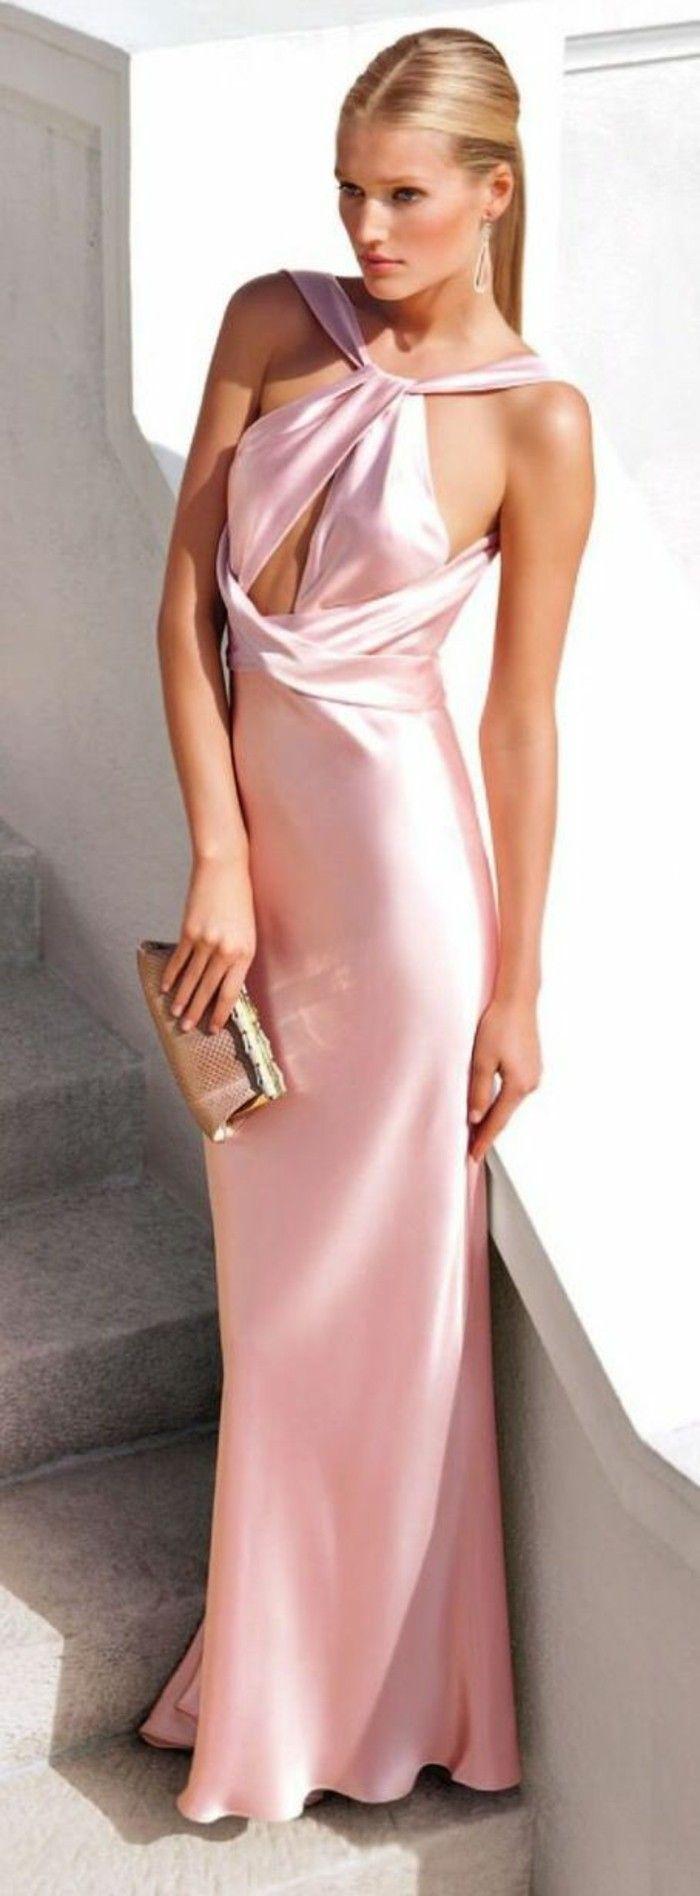 Elegante Kleider für Ihre besondere Anlässe | Dress ideas and Fashion